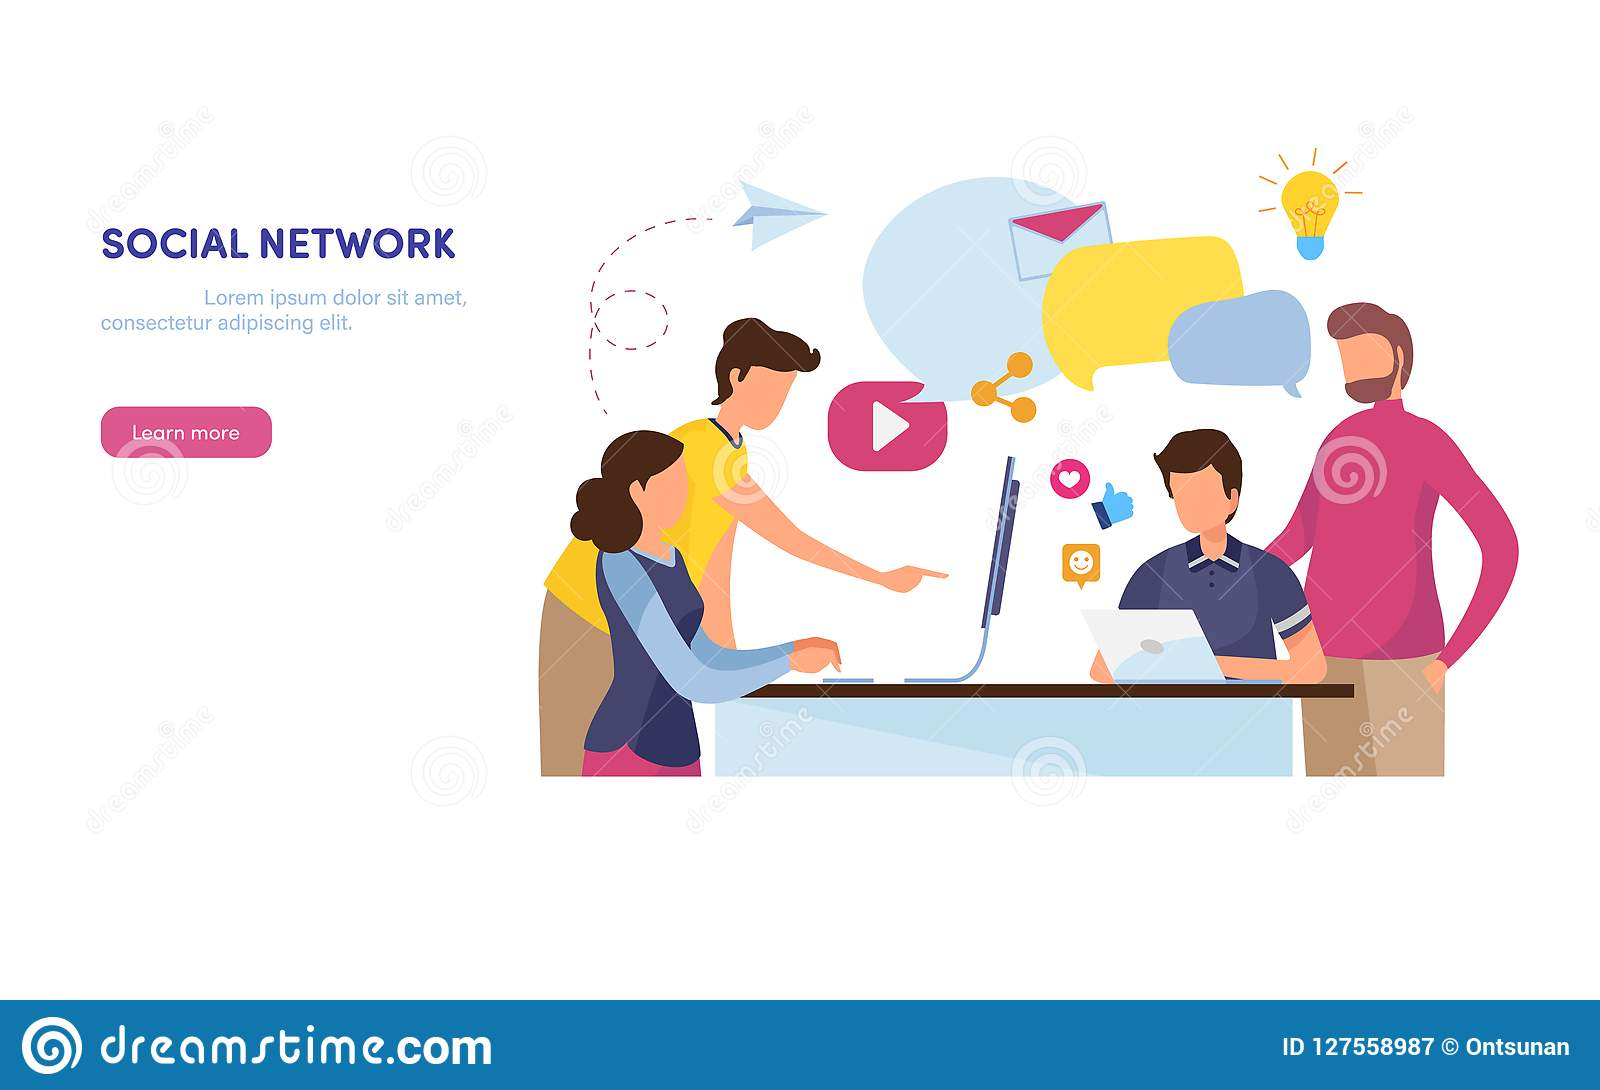 τρισδιάστατη εικόνα δικτύων που καθίσταται κοινωνική Σε απευθείας σύνδεση Κοινότητα περιεχόμενο μάρκετινγκ Κοινωνικά μέσα, όπως,